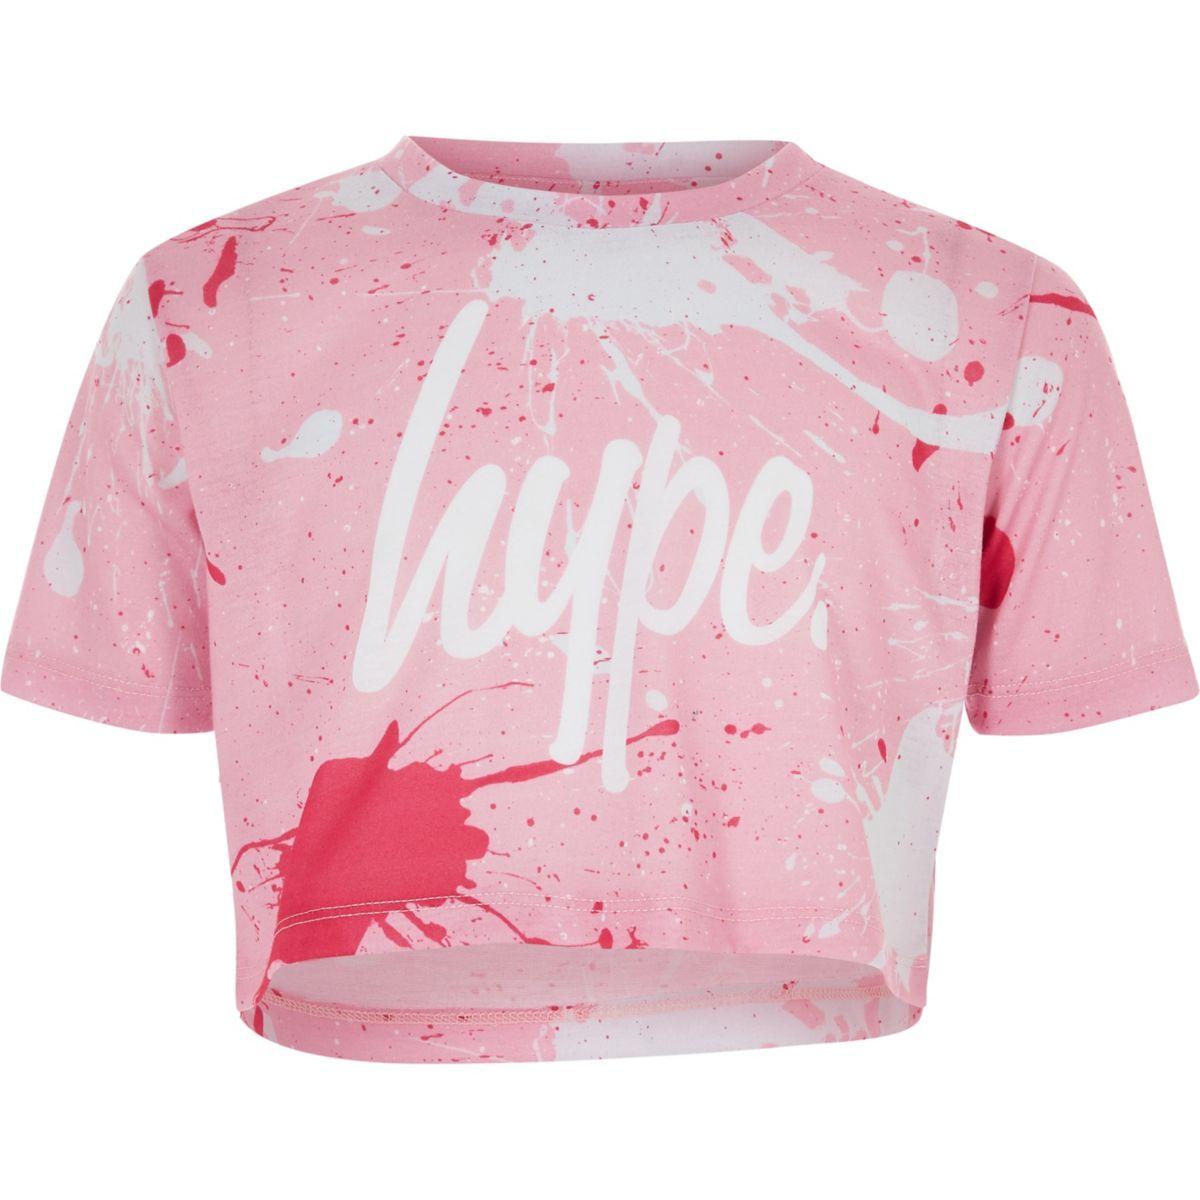 Girls Hype pink paint splat crop T-shirt